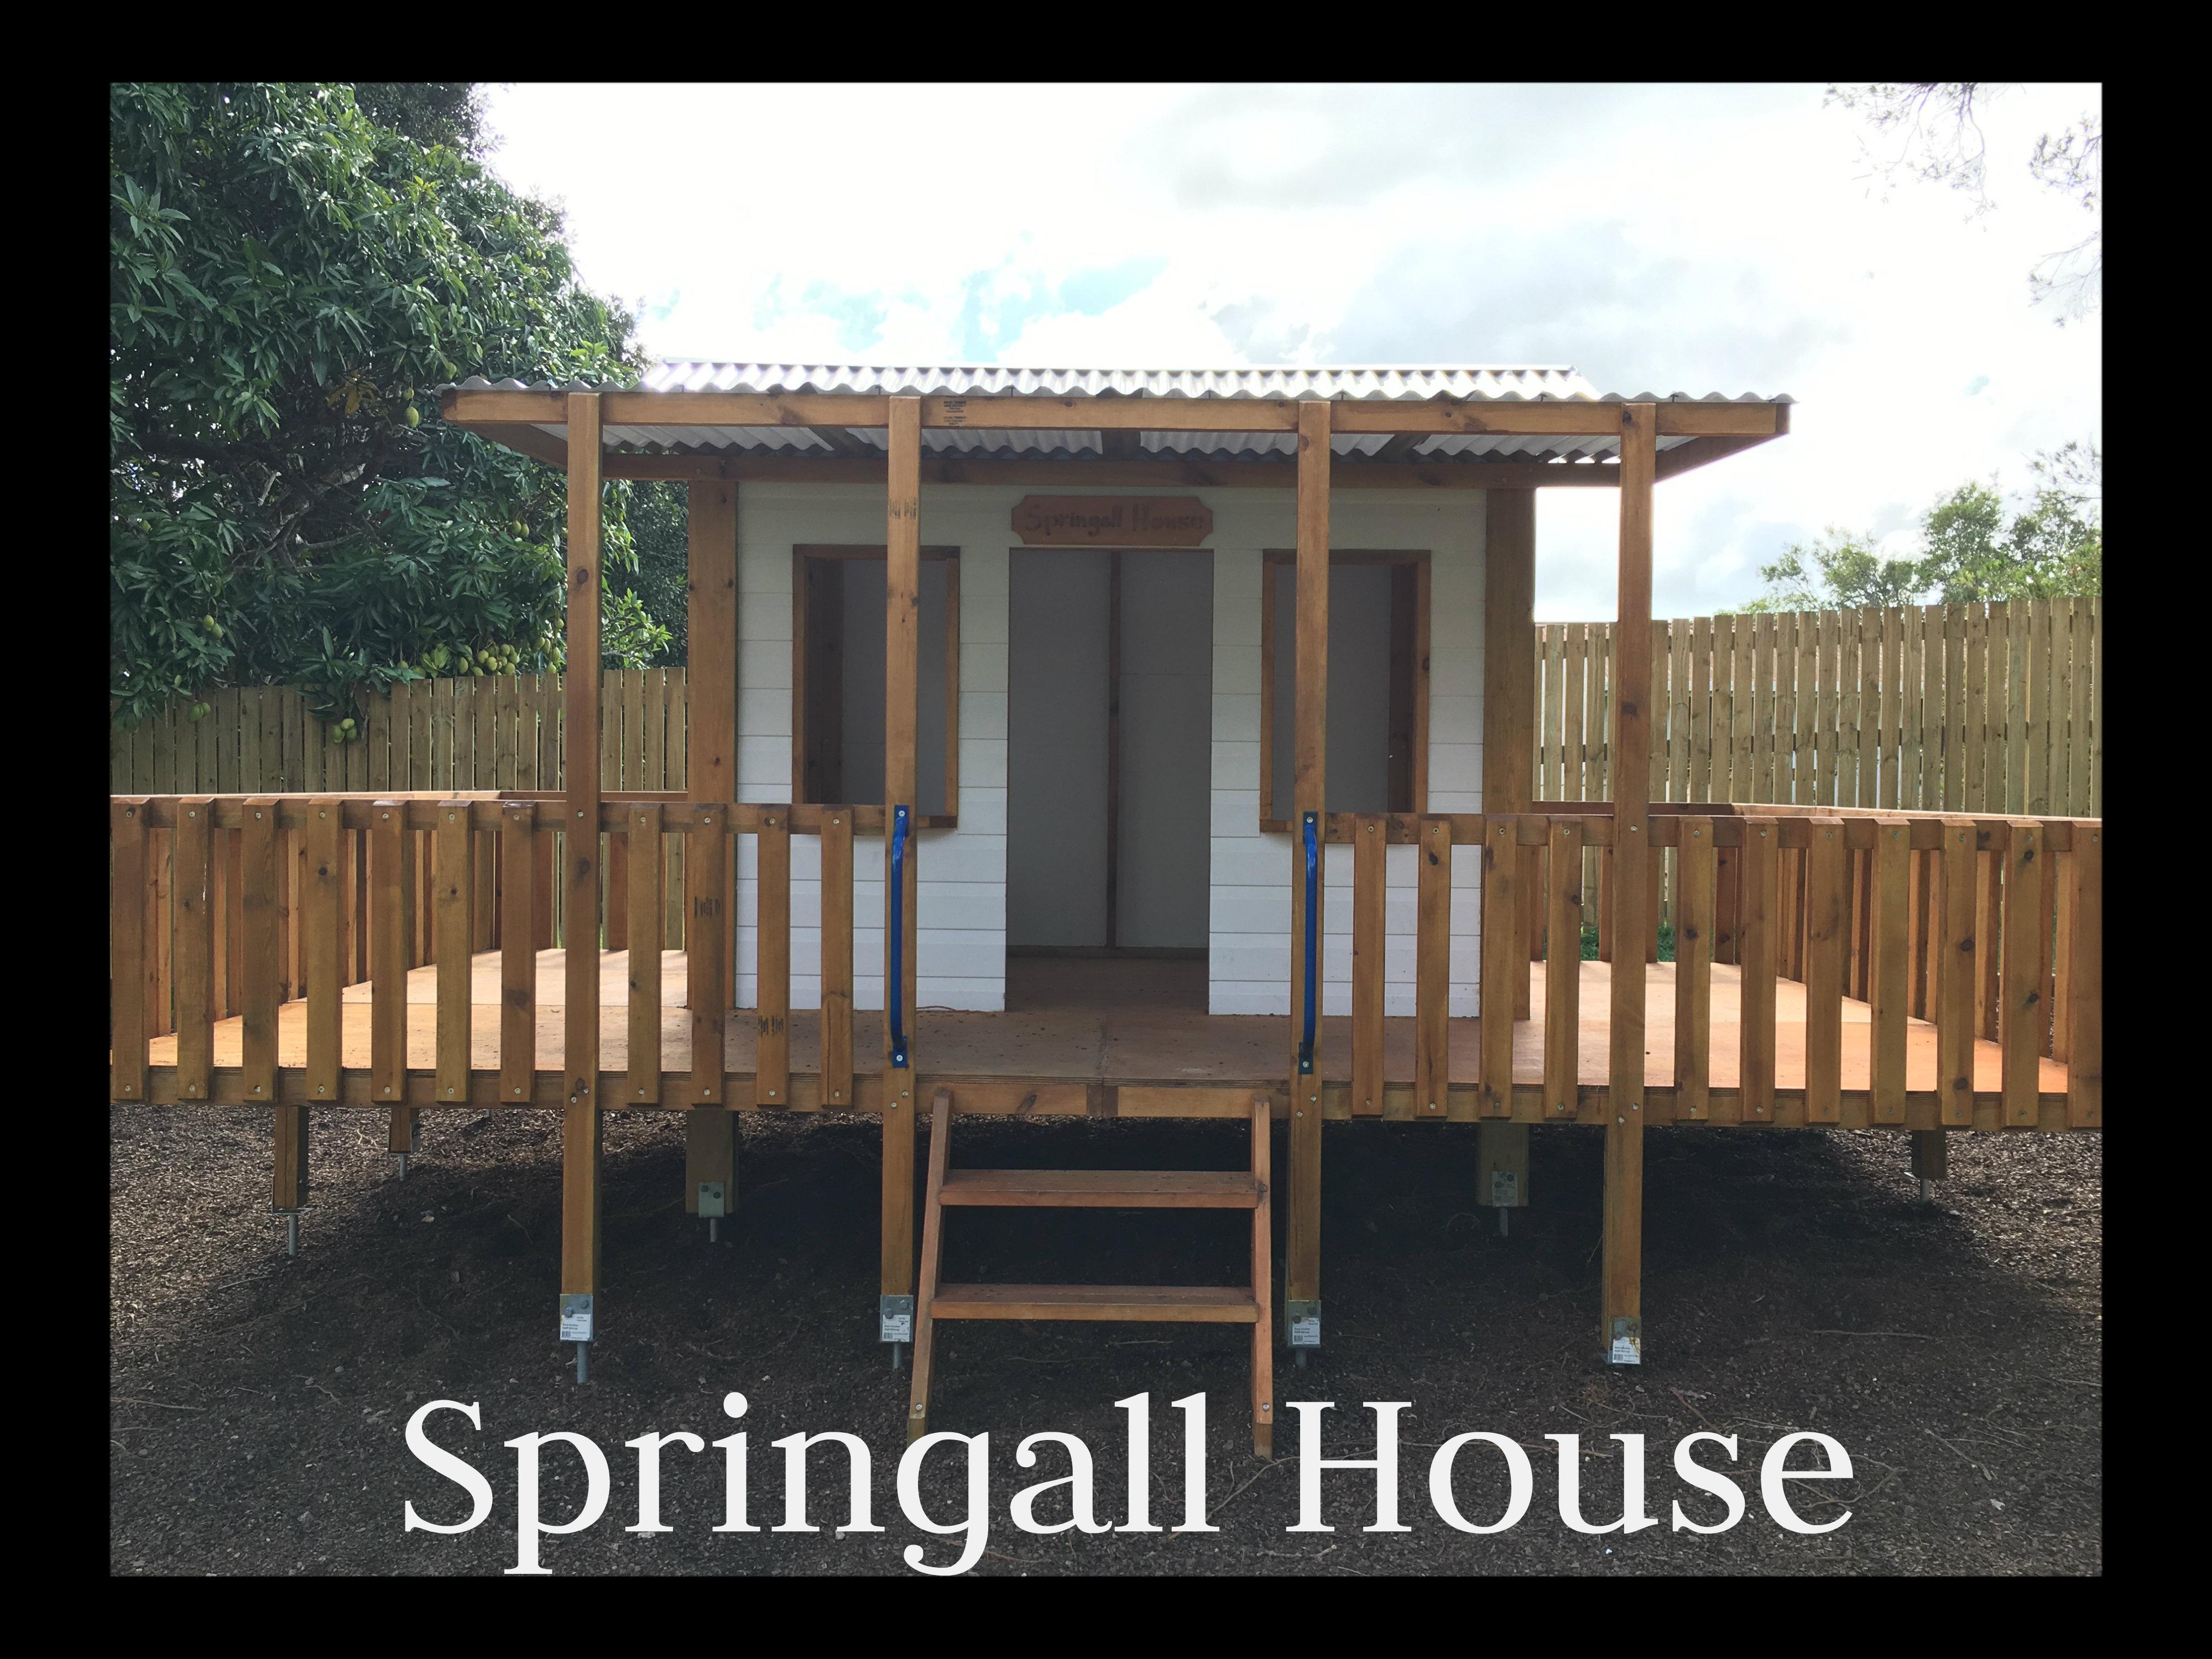 Springall House